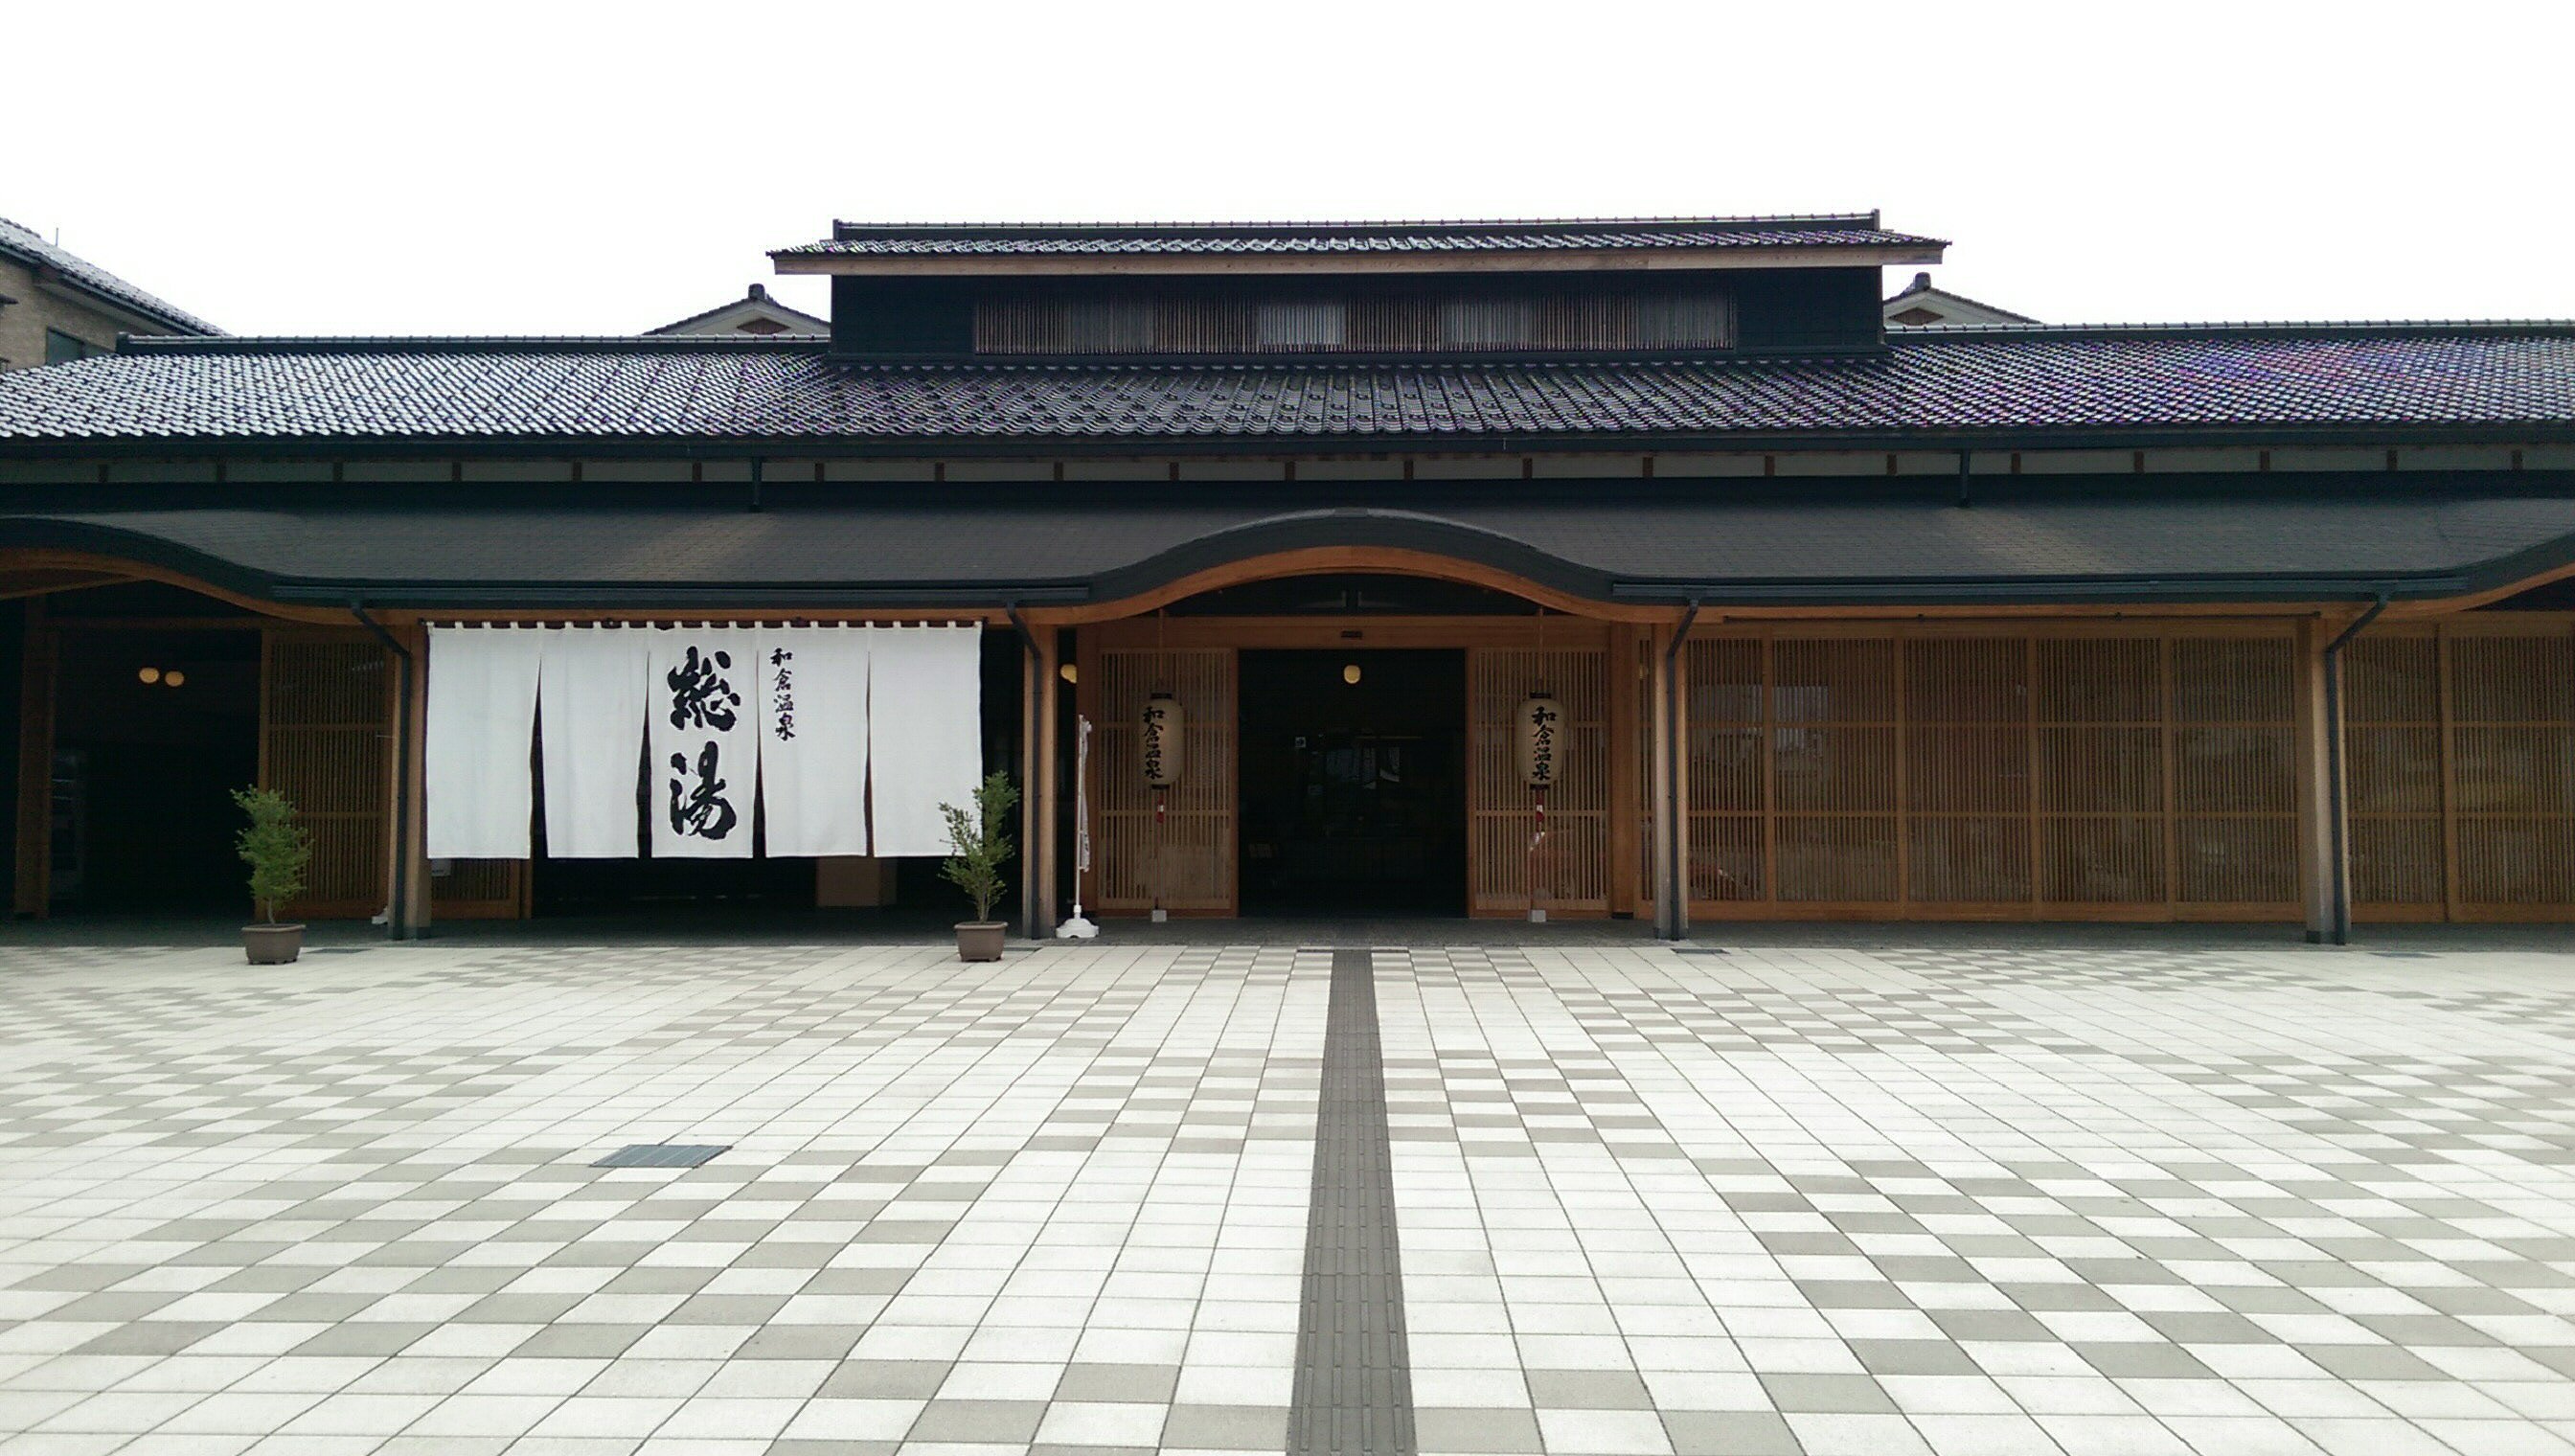 Souyu - Pubic bath of hot spring